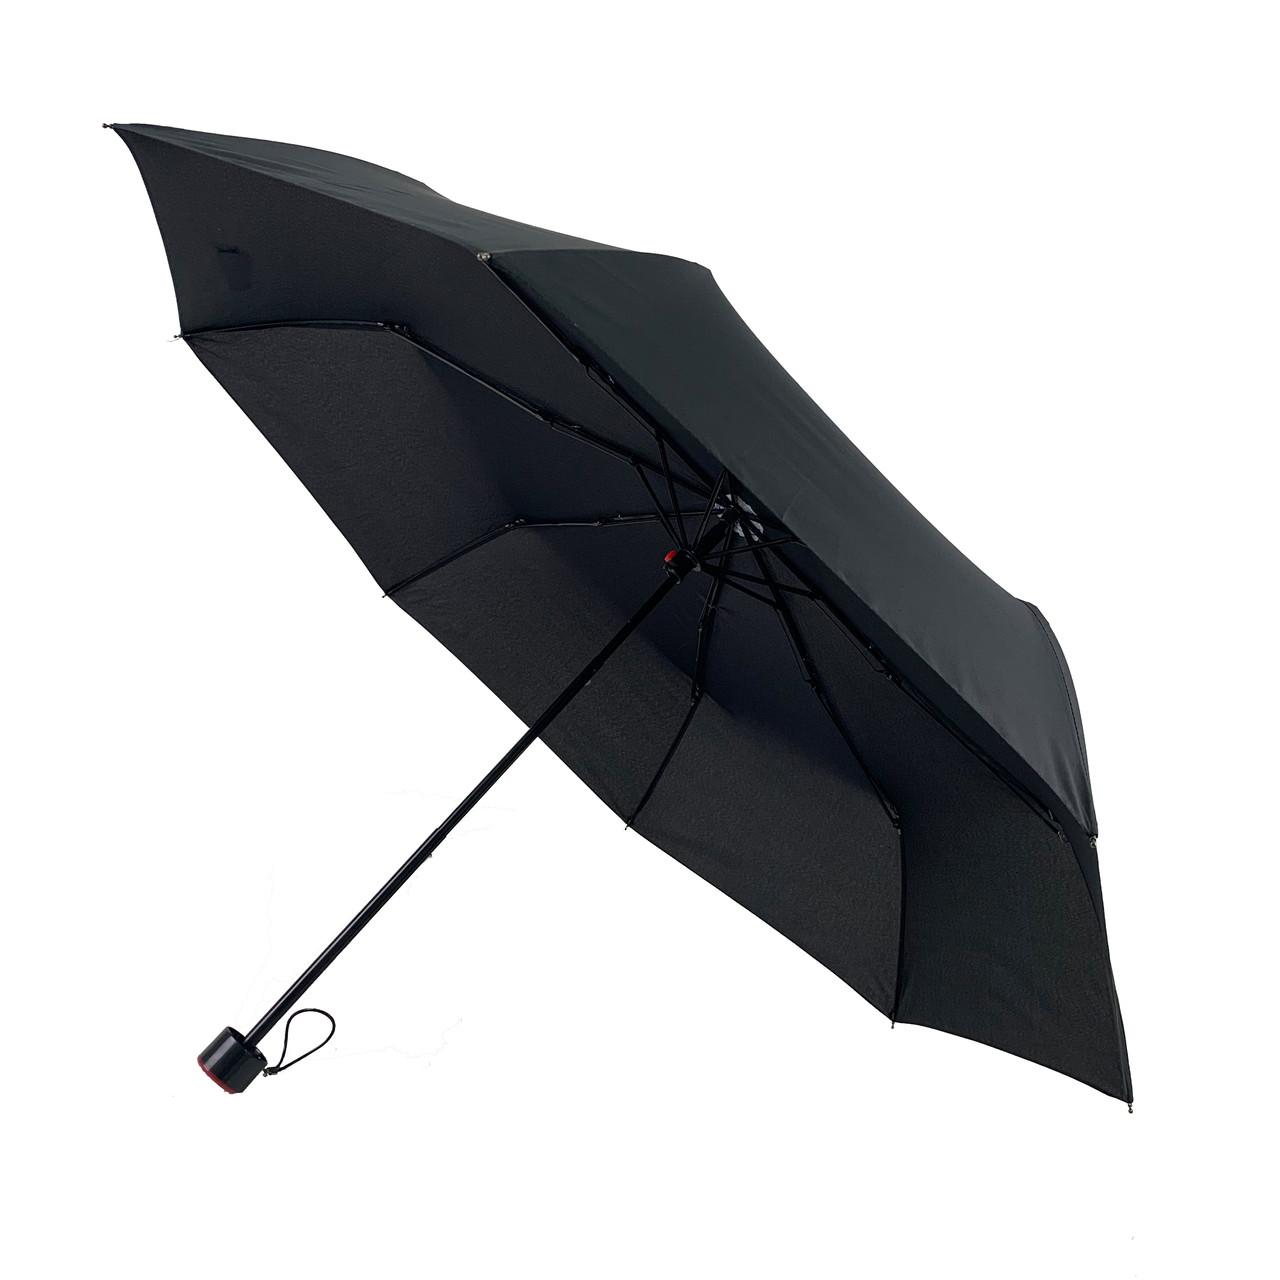 Механический мужской зонт Feeling Rain, черный, 3012-1